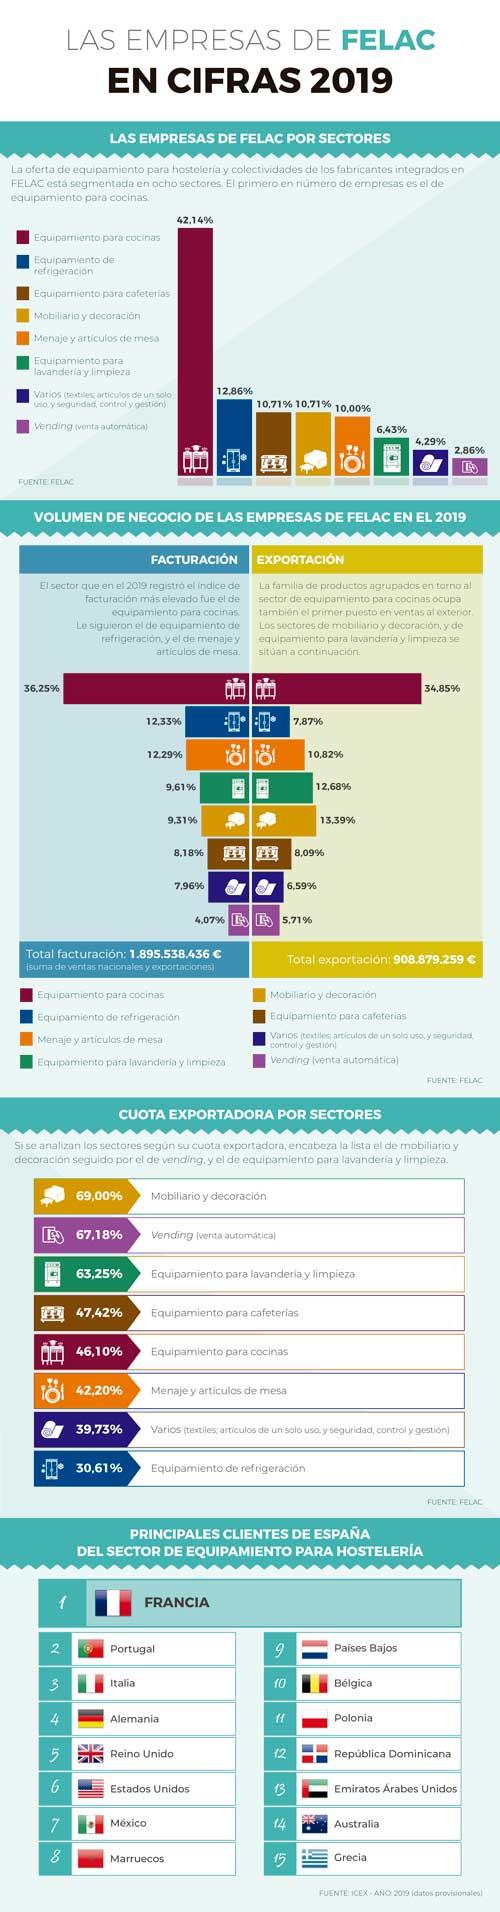 Profesionalhoreca, infografía de Felac sobre la industria del equipamiento de hostelería en 2019